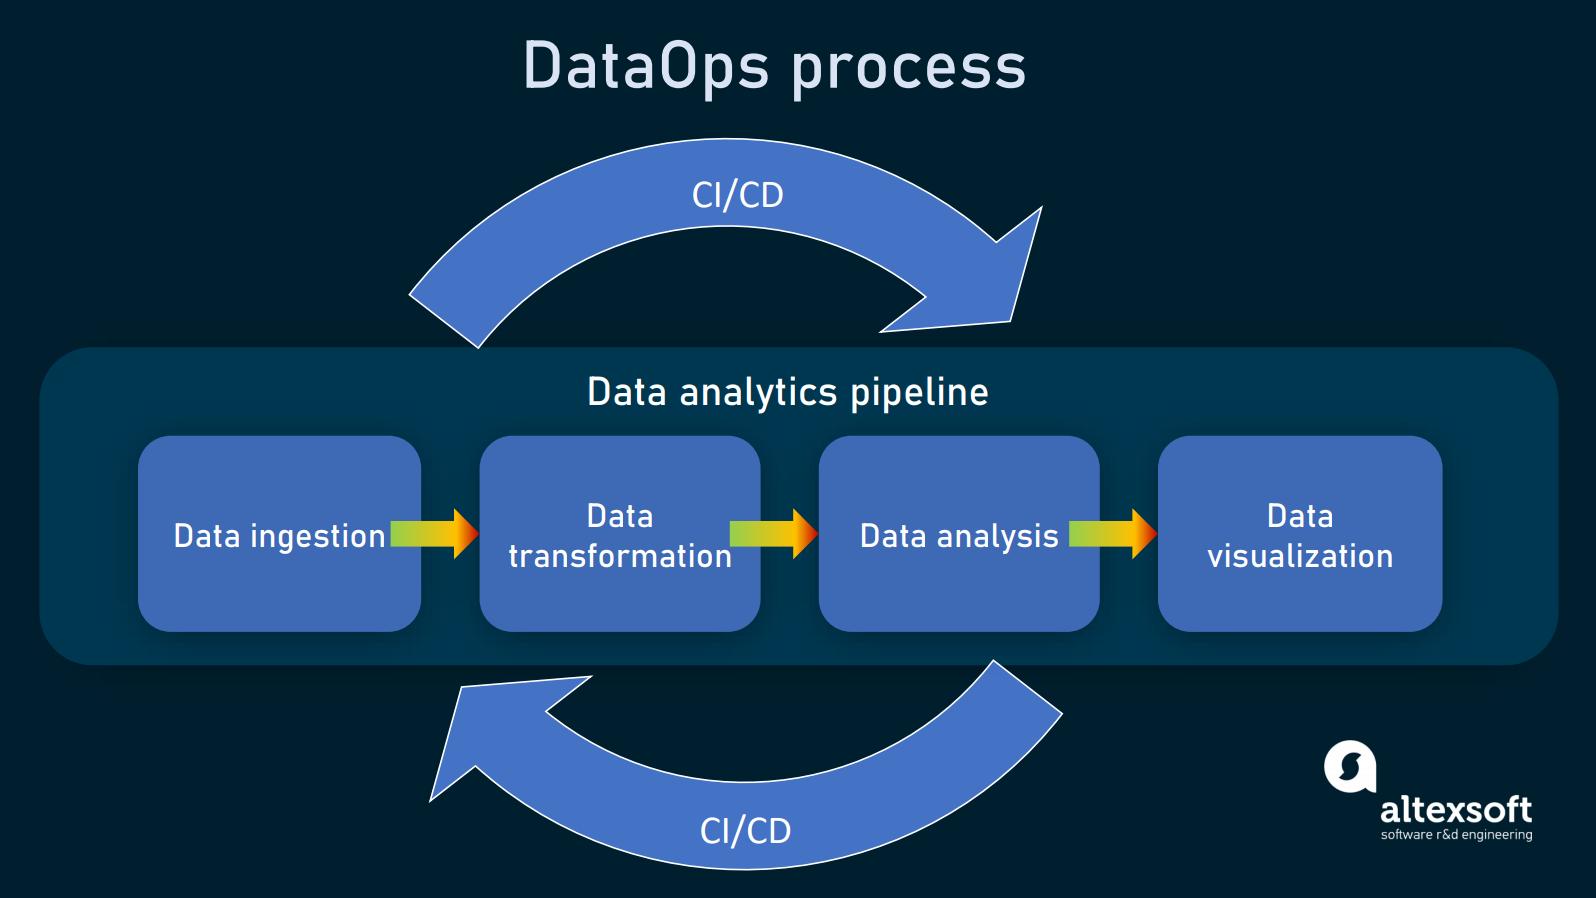 Data analytics pipeline